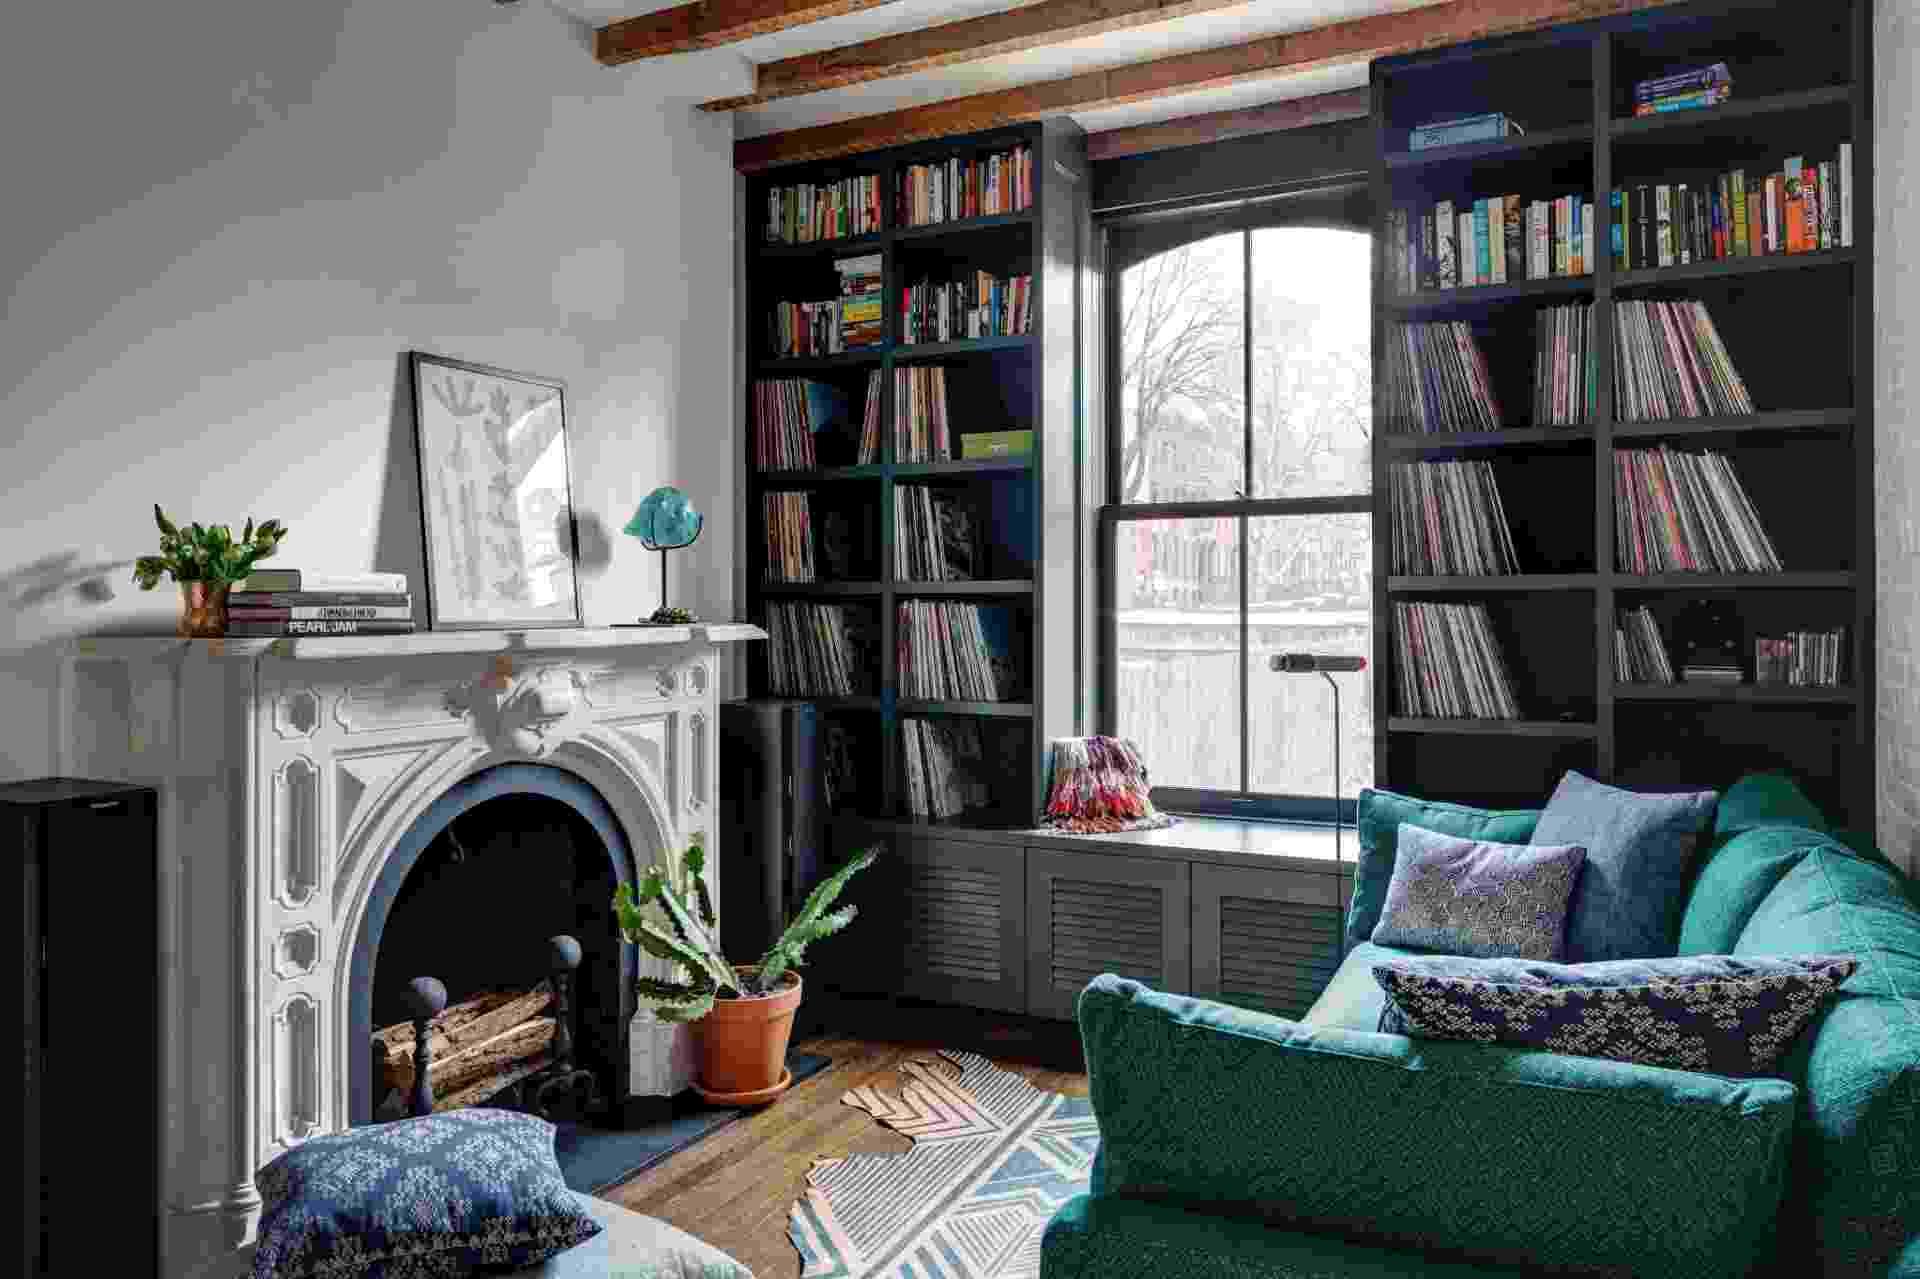 A sala de estar conta com estantes que acomodam a coleção de vinis de David. O mobiliário tem pontos de cor e a lareira antiga é o destaque do ambiente (Imagem do NYT, usar apenas no respectivo material) - Bruce Buck/ The New York Times